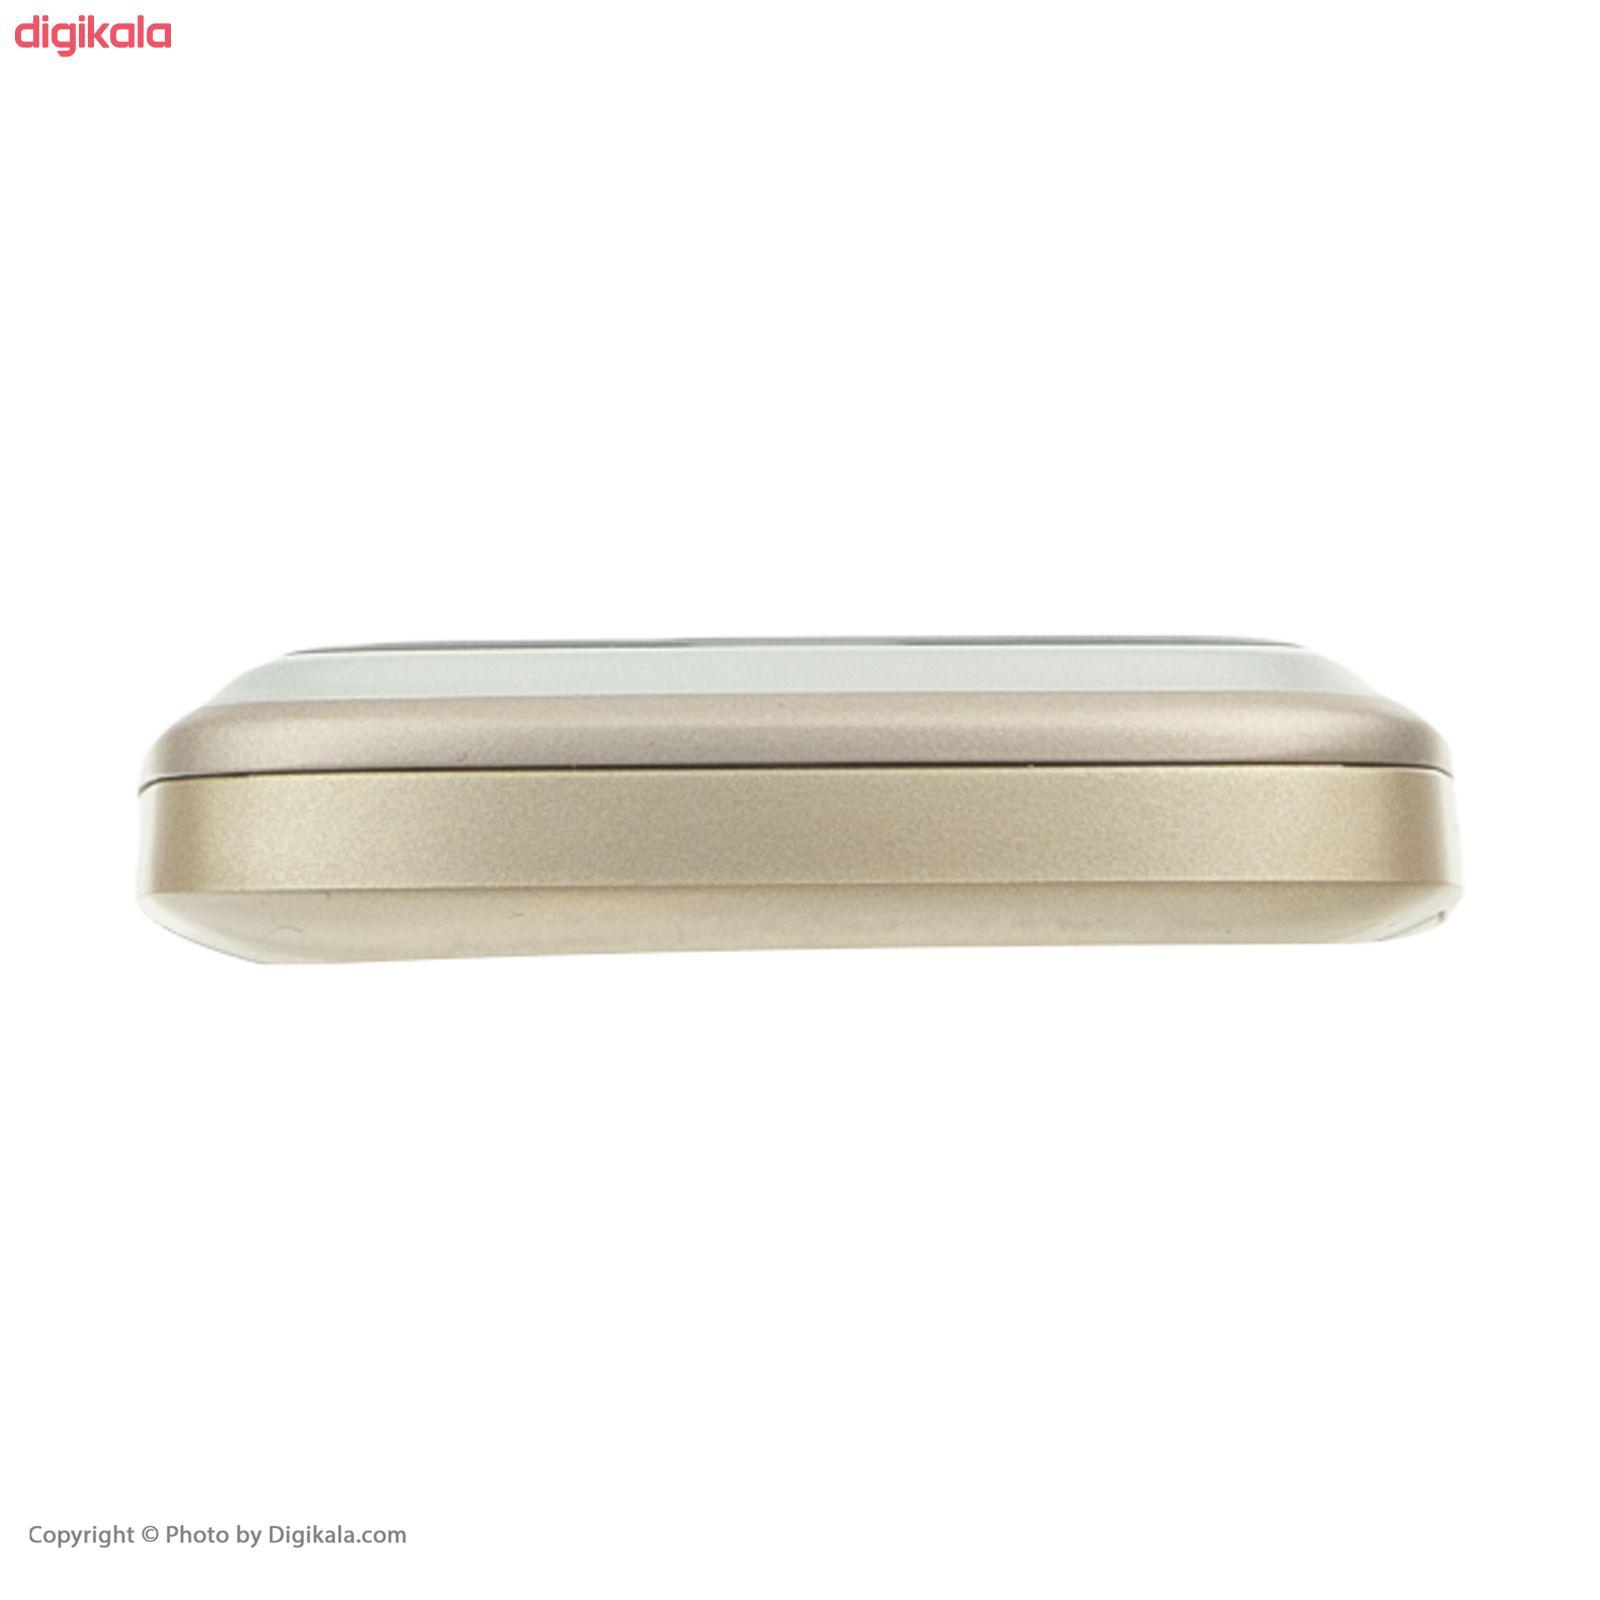 گوشی موبایل هیوندای مدل Seoul K5 دو سیم کارت main 1 7